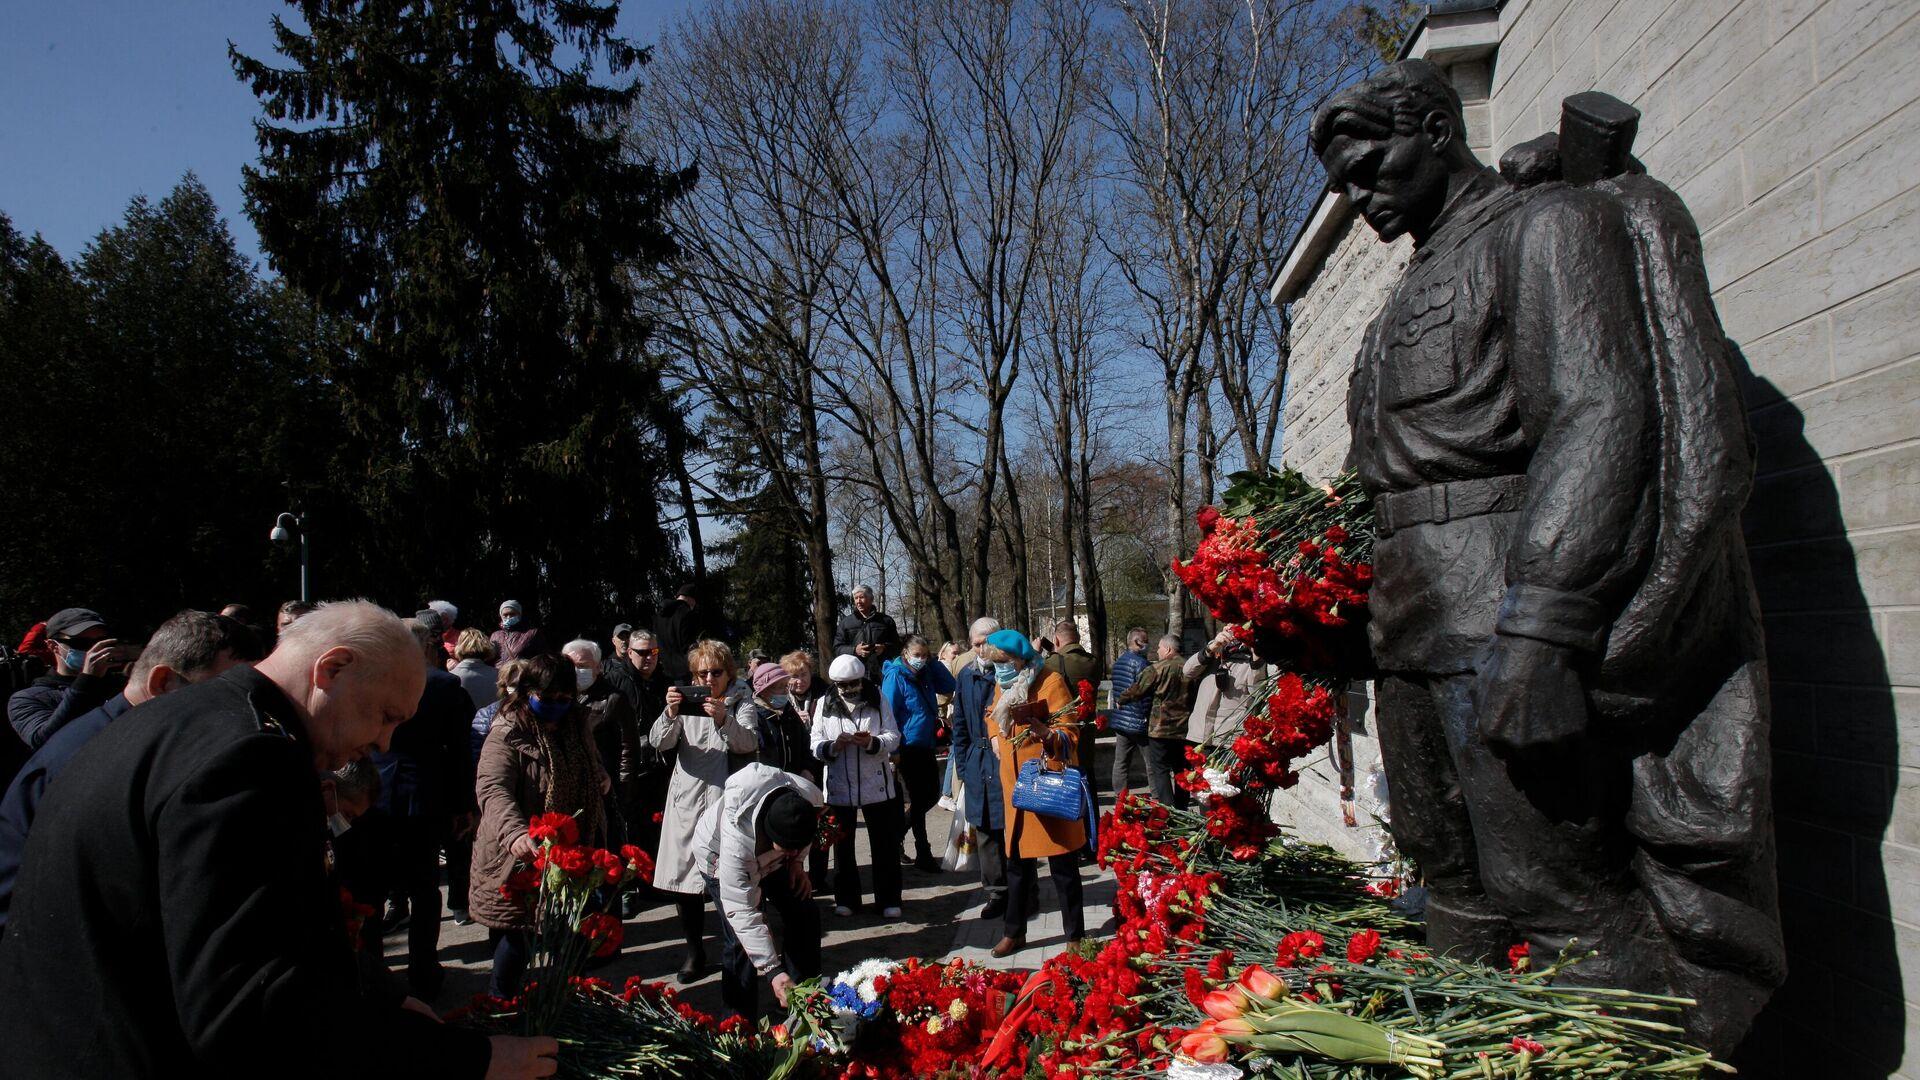 Возложение цветов к монументу Павшим во Второй мировой войне на Военном кладбище в Таллине. 2021 год - РИА Новости, 1920, 18.05.2021